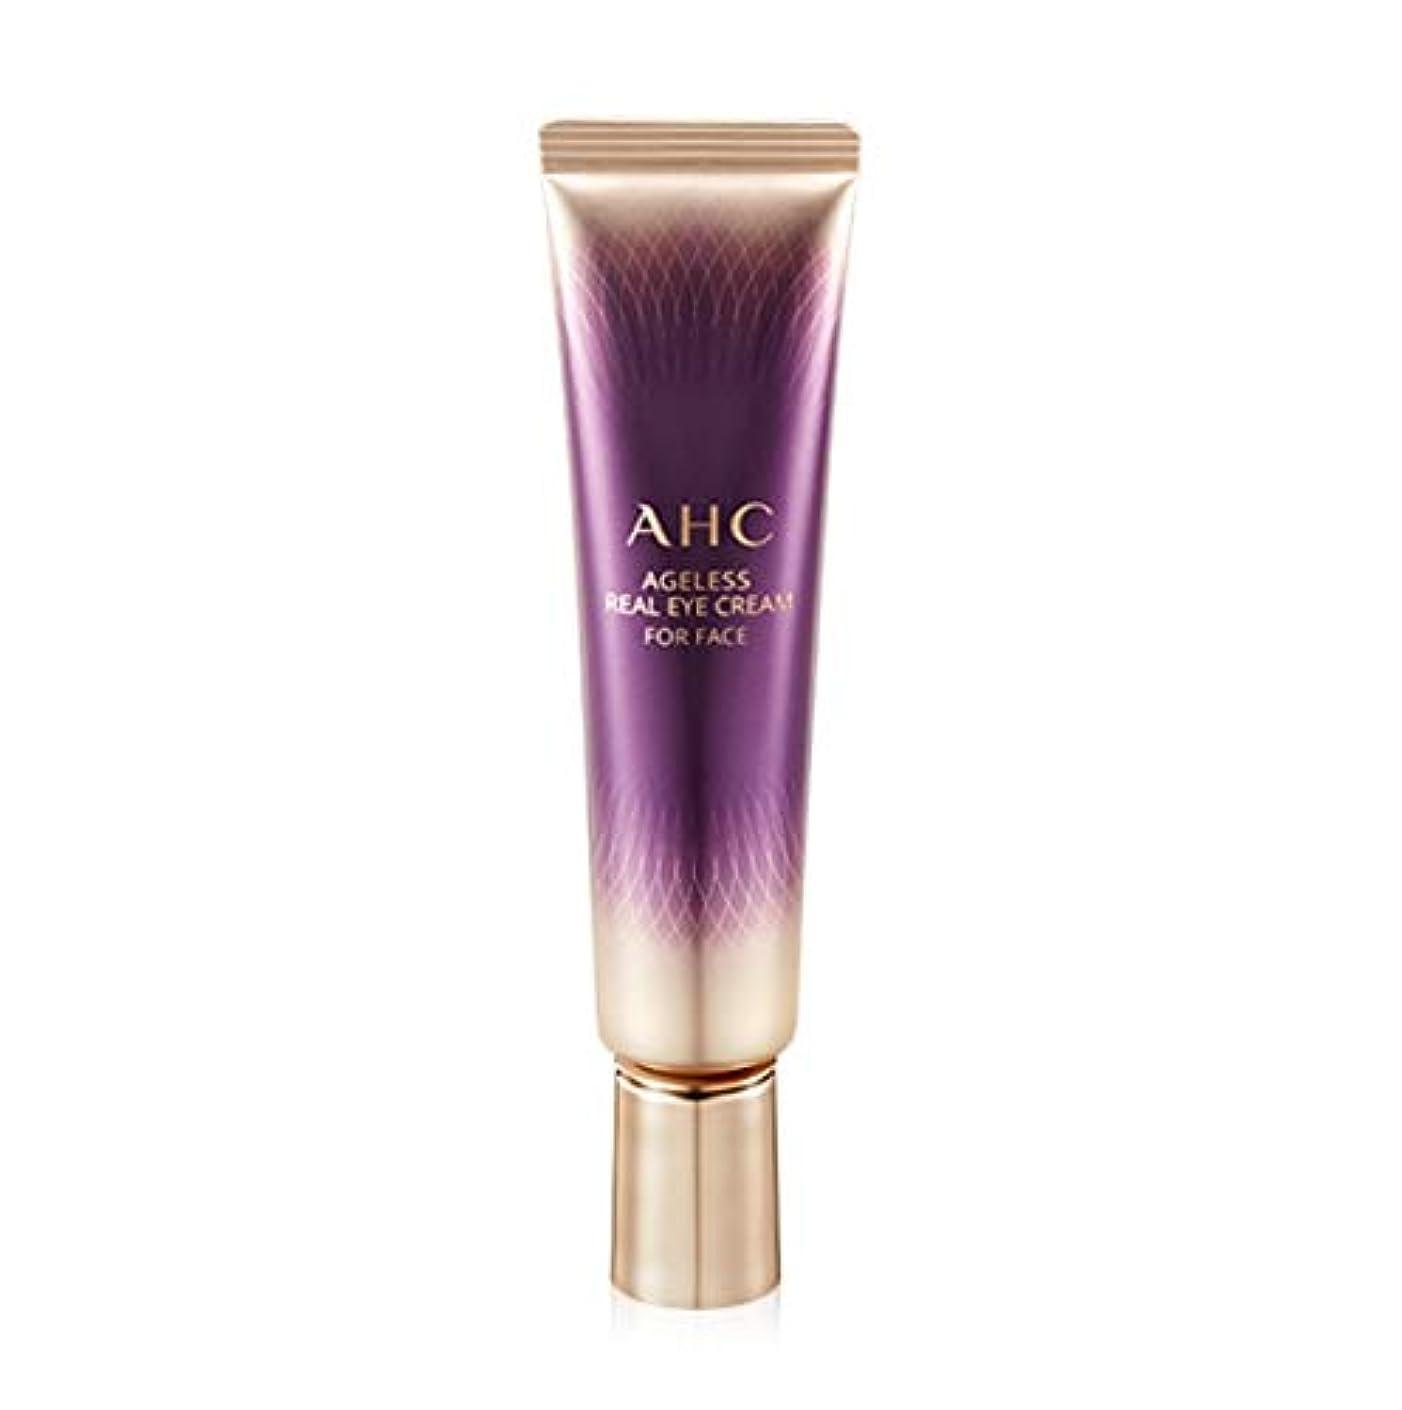 ショッピングセンター提供するショップ[New] AHC Ageless Real Eye Cream For Face Season 7 30ml / AHC エイジレス リアル アイクリーム フォーフェイス 30ml [並行輸入品]